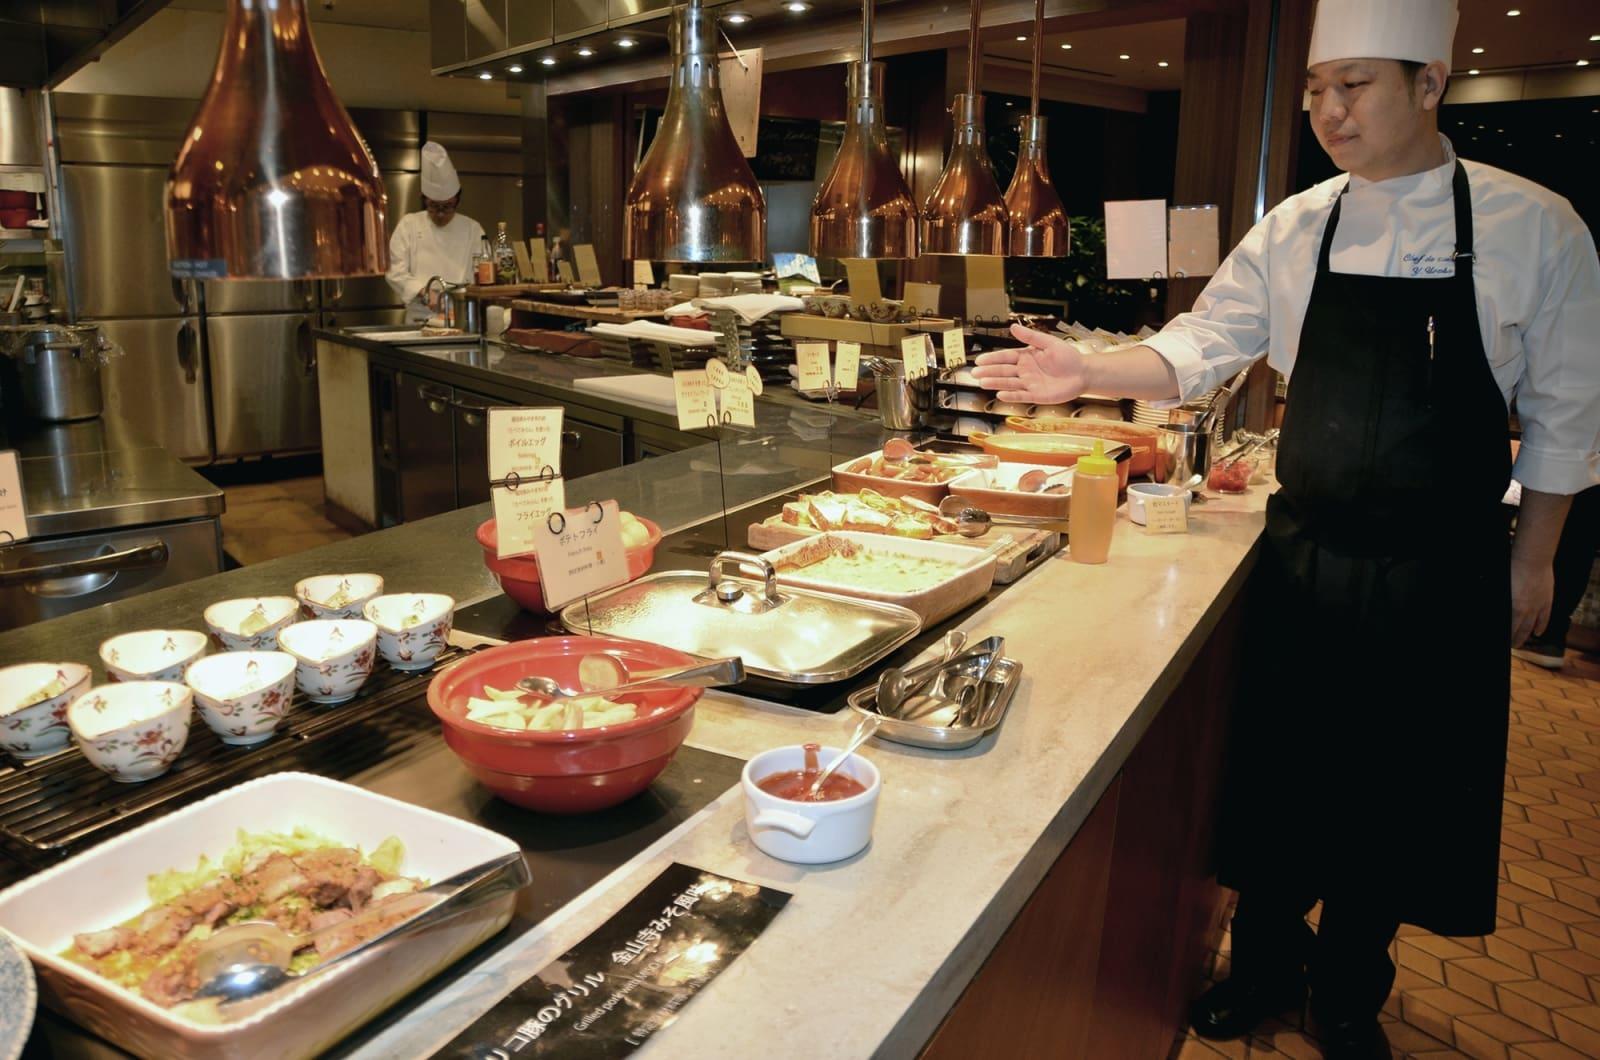 ホテル日航熊本が宿泊者に提供している朝食メニュー